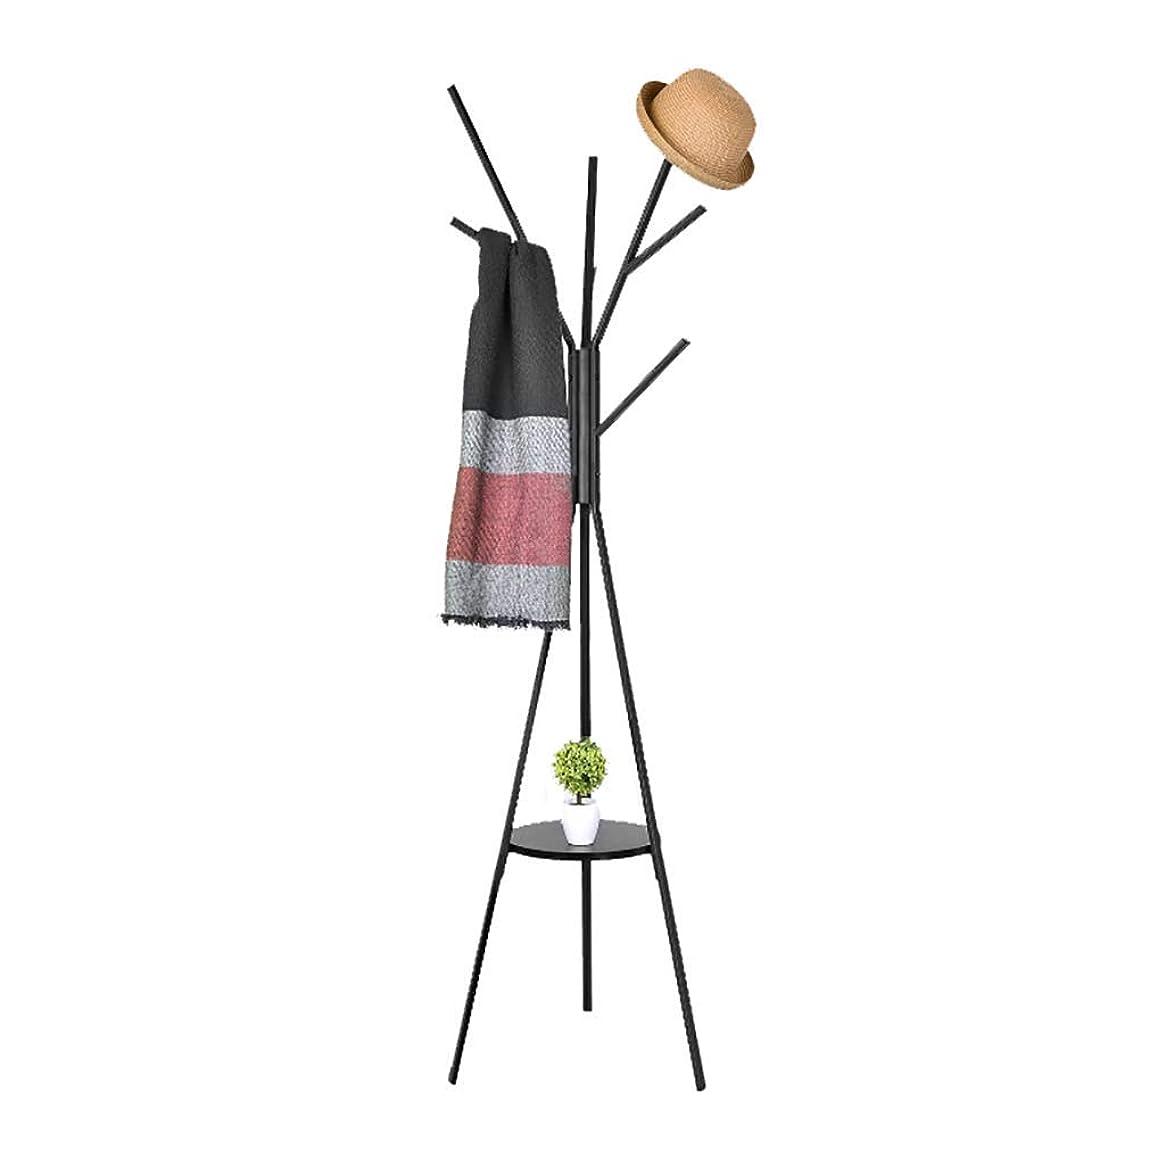 カップル診断する主張コートスタンドMultifuctionalメタルコートラックコート帽子の傘の服のハンガースタンドのための8つのフック (色 : ブラック)